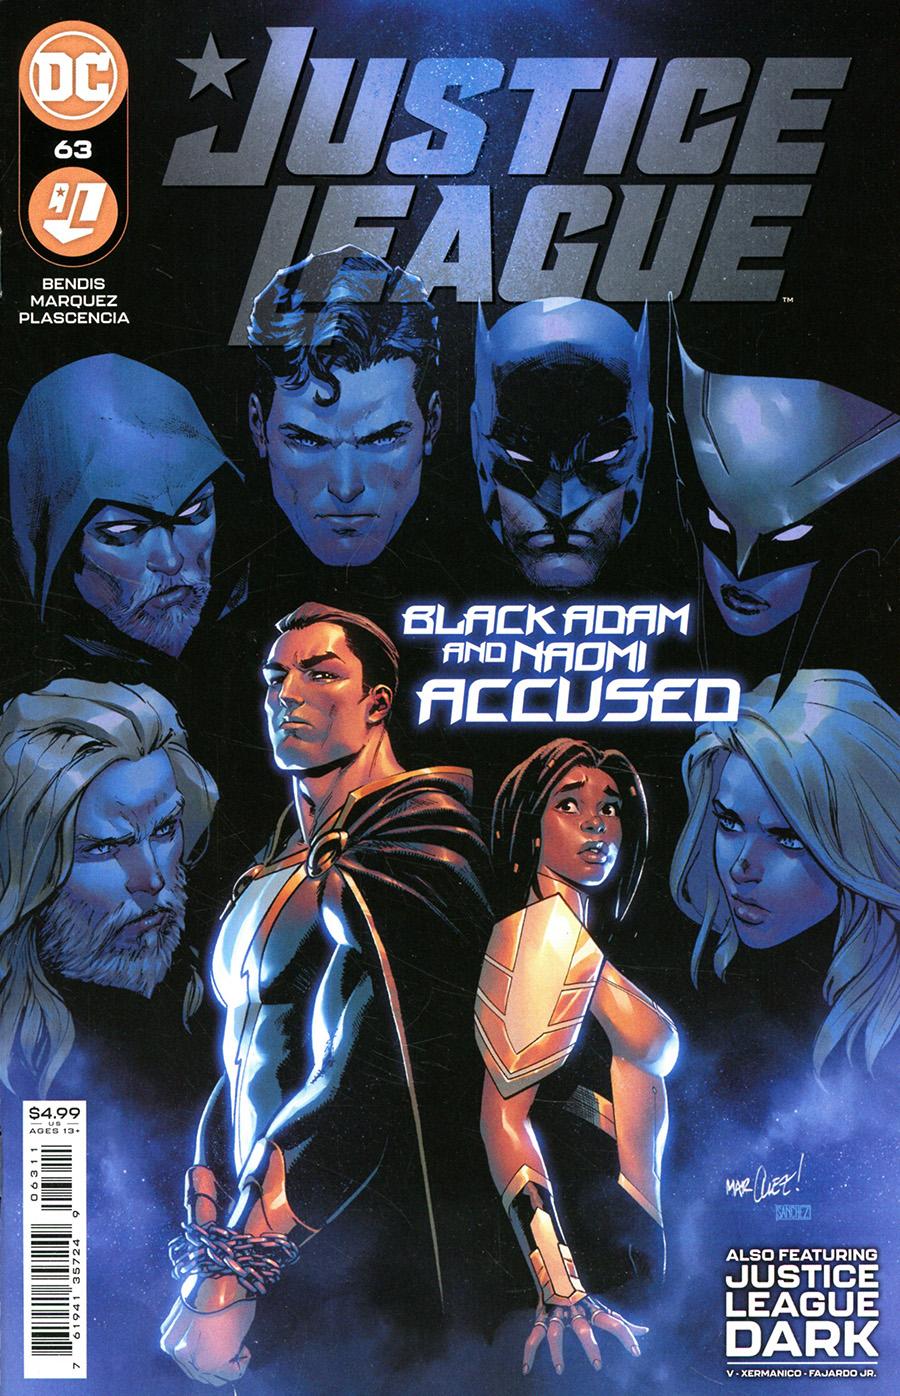 Justice League Vol 4 #63 Cover A Regular David Marquez Cover